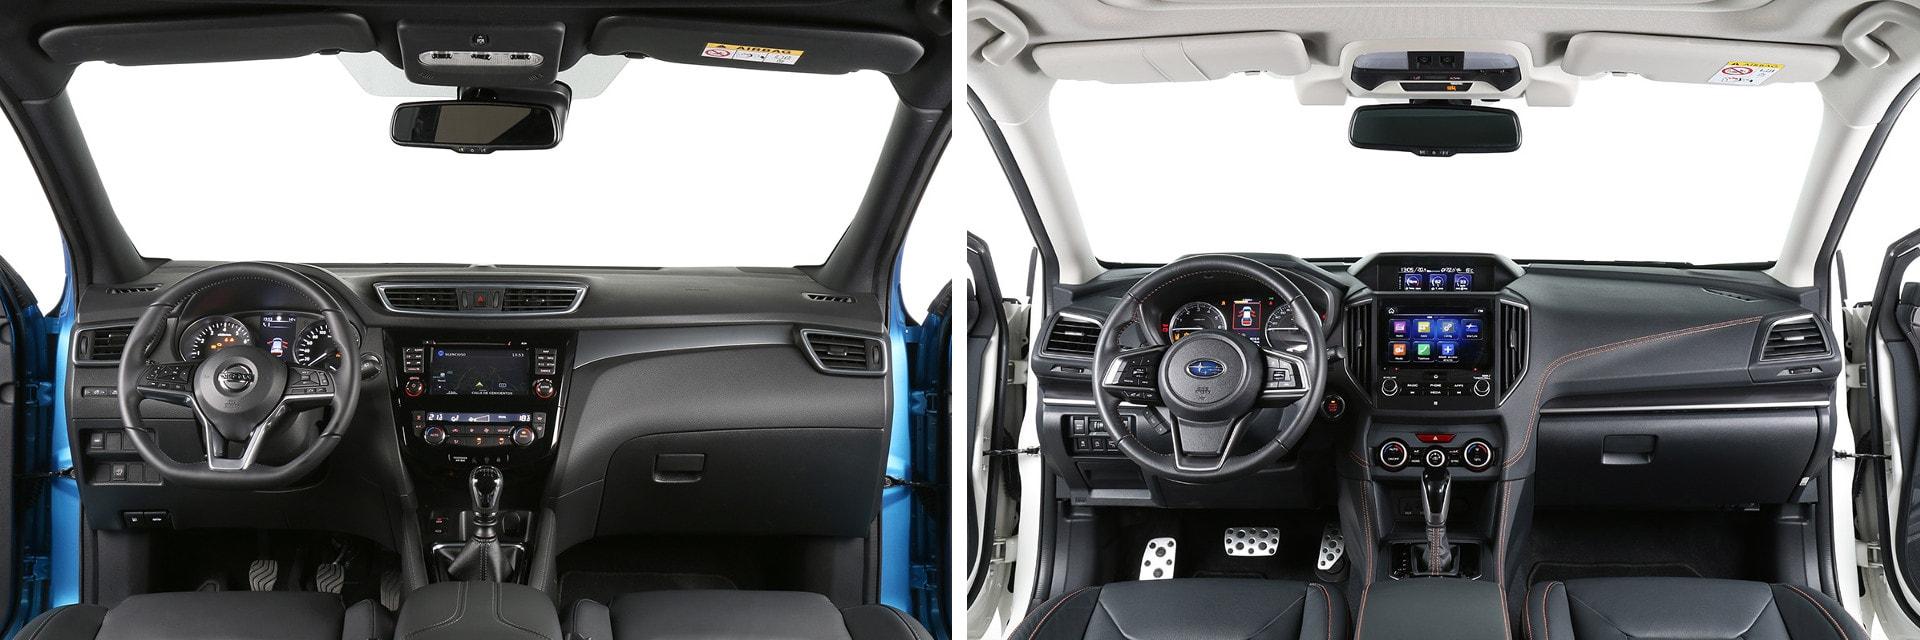 El interior del Nissan Qashqai (izq.) es más moderno y está hecho con materiales de mejor calidad. El del Subaru XV (dcha.) es más espartano.